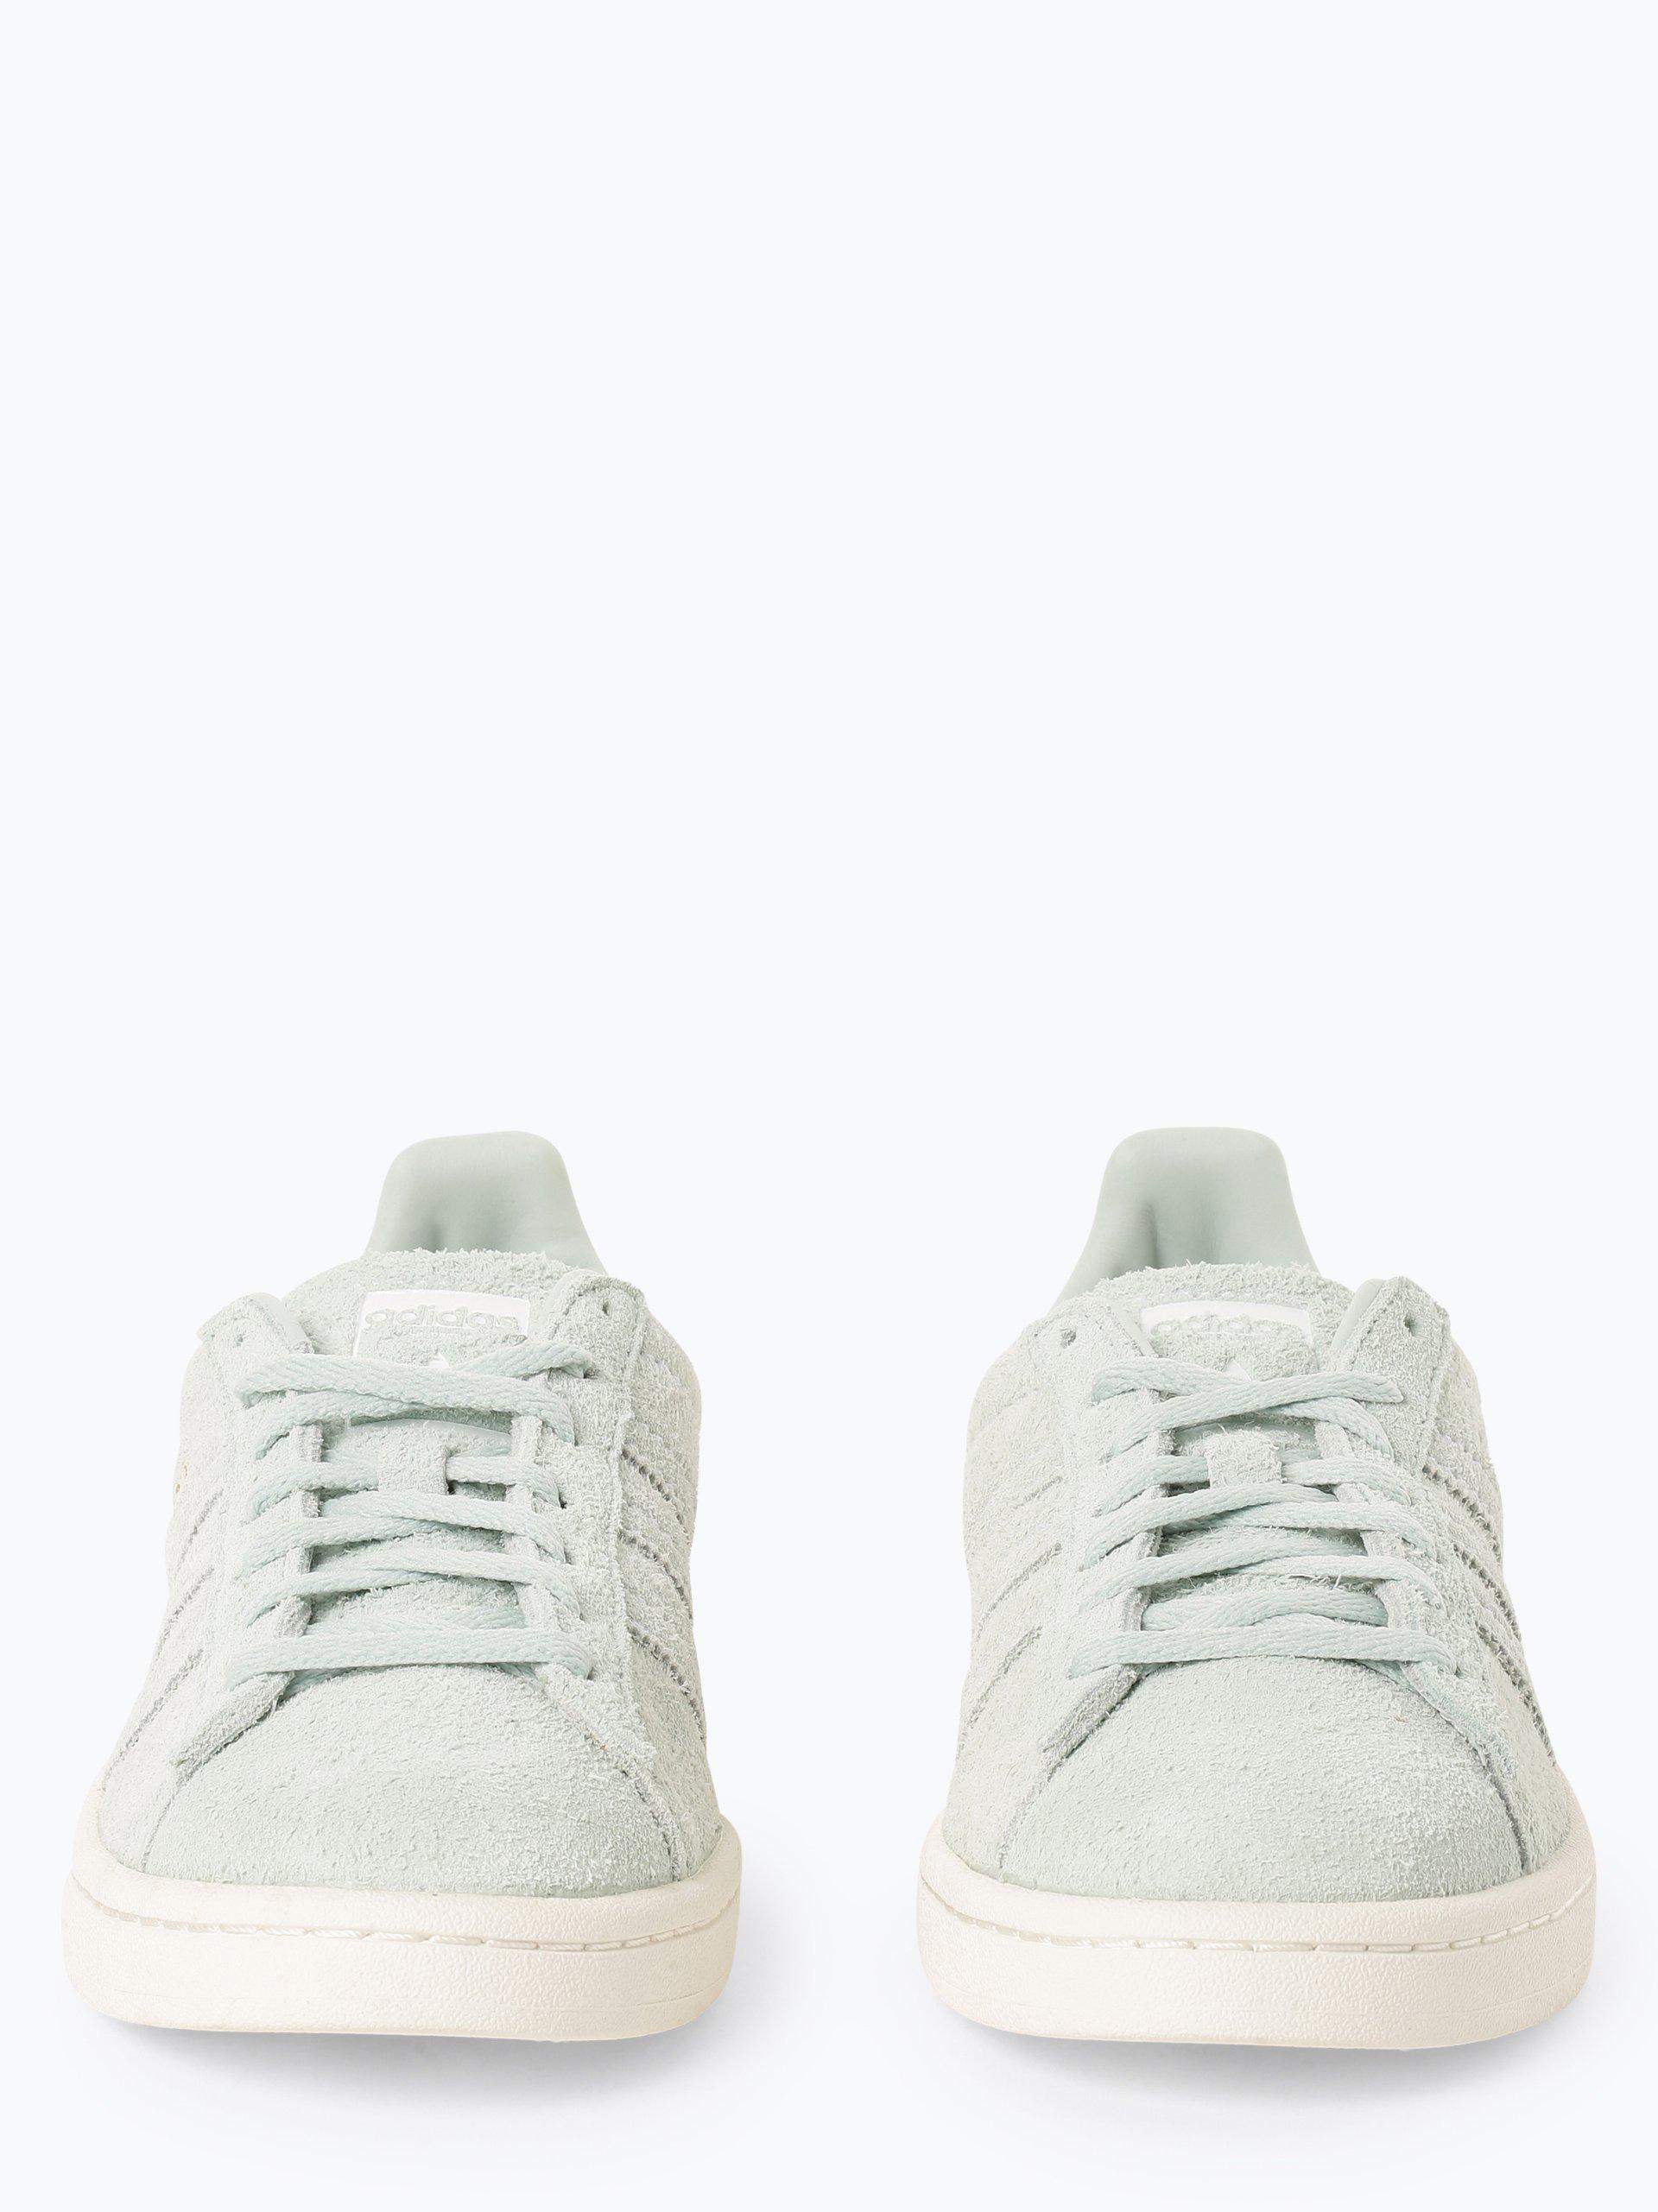 adidas Originals Damen Sneaker mit Leder-Anteil - Campus W